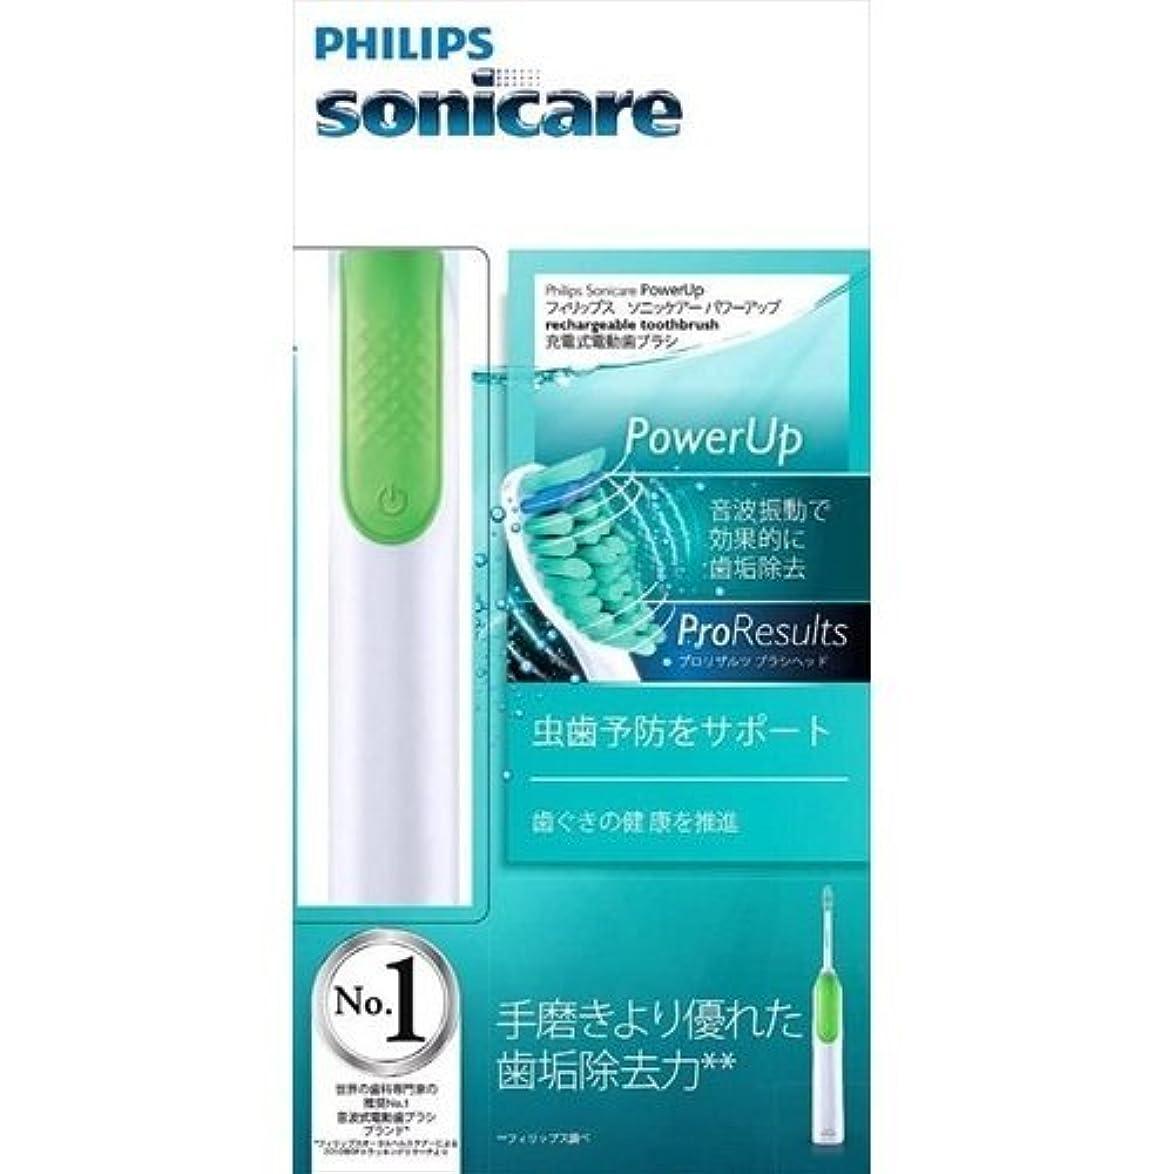 極めて有害ねばねばPHILIPS Sonicare(ソニッケアー)パワーアップ音波式電動歯ブラシ HX3110